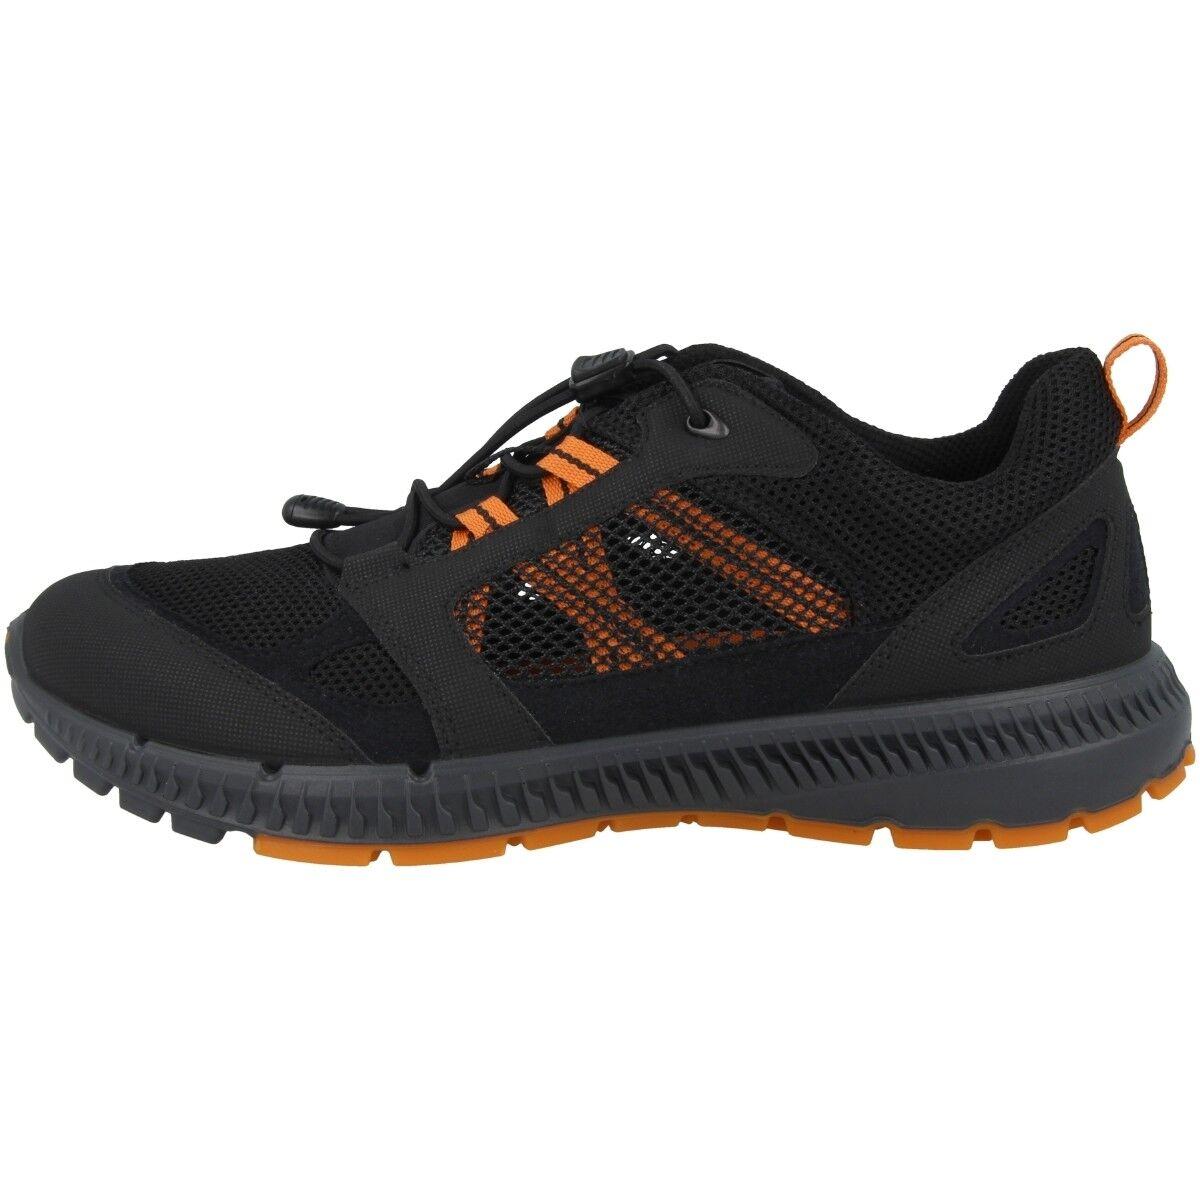 Ecco Terracruise II Schuhe Trekking Outdoor Freizeit Turnschuhe schwarz 843014-51052